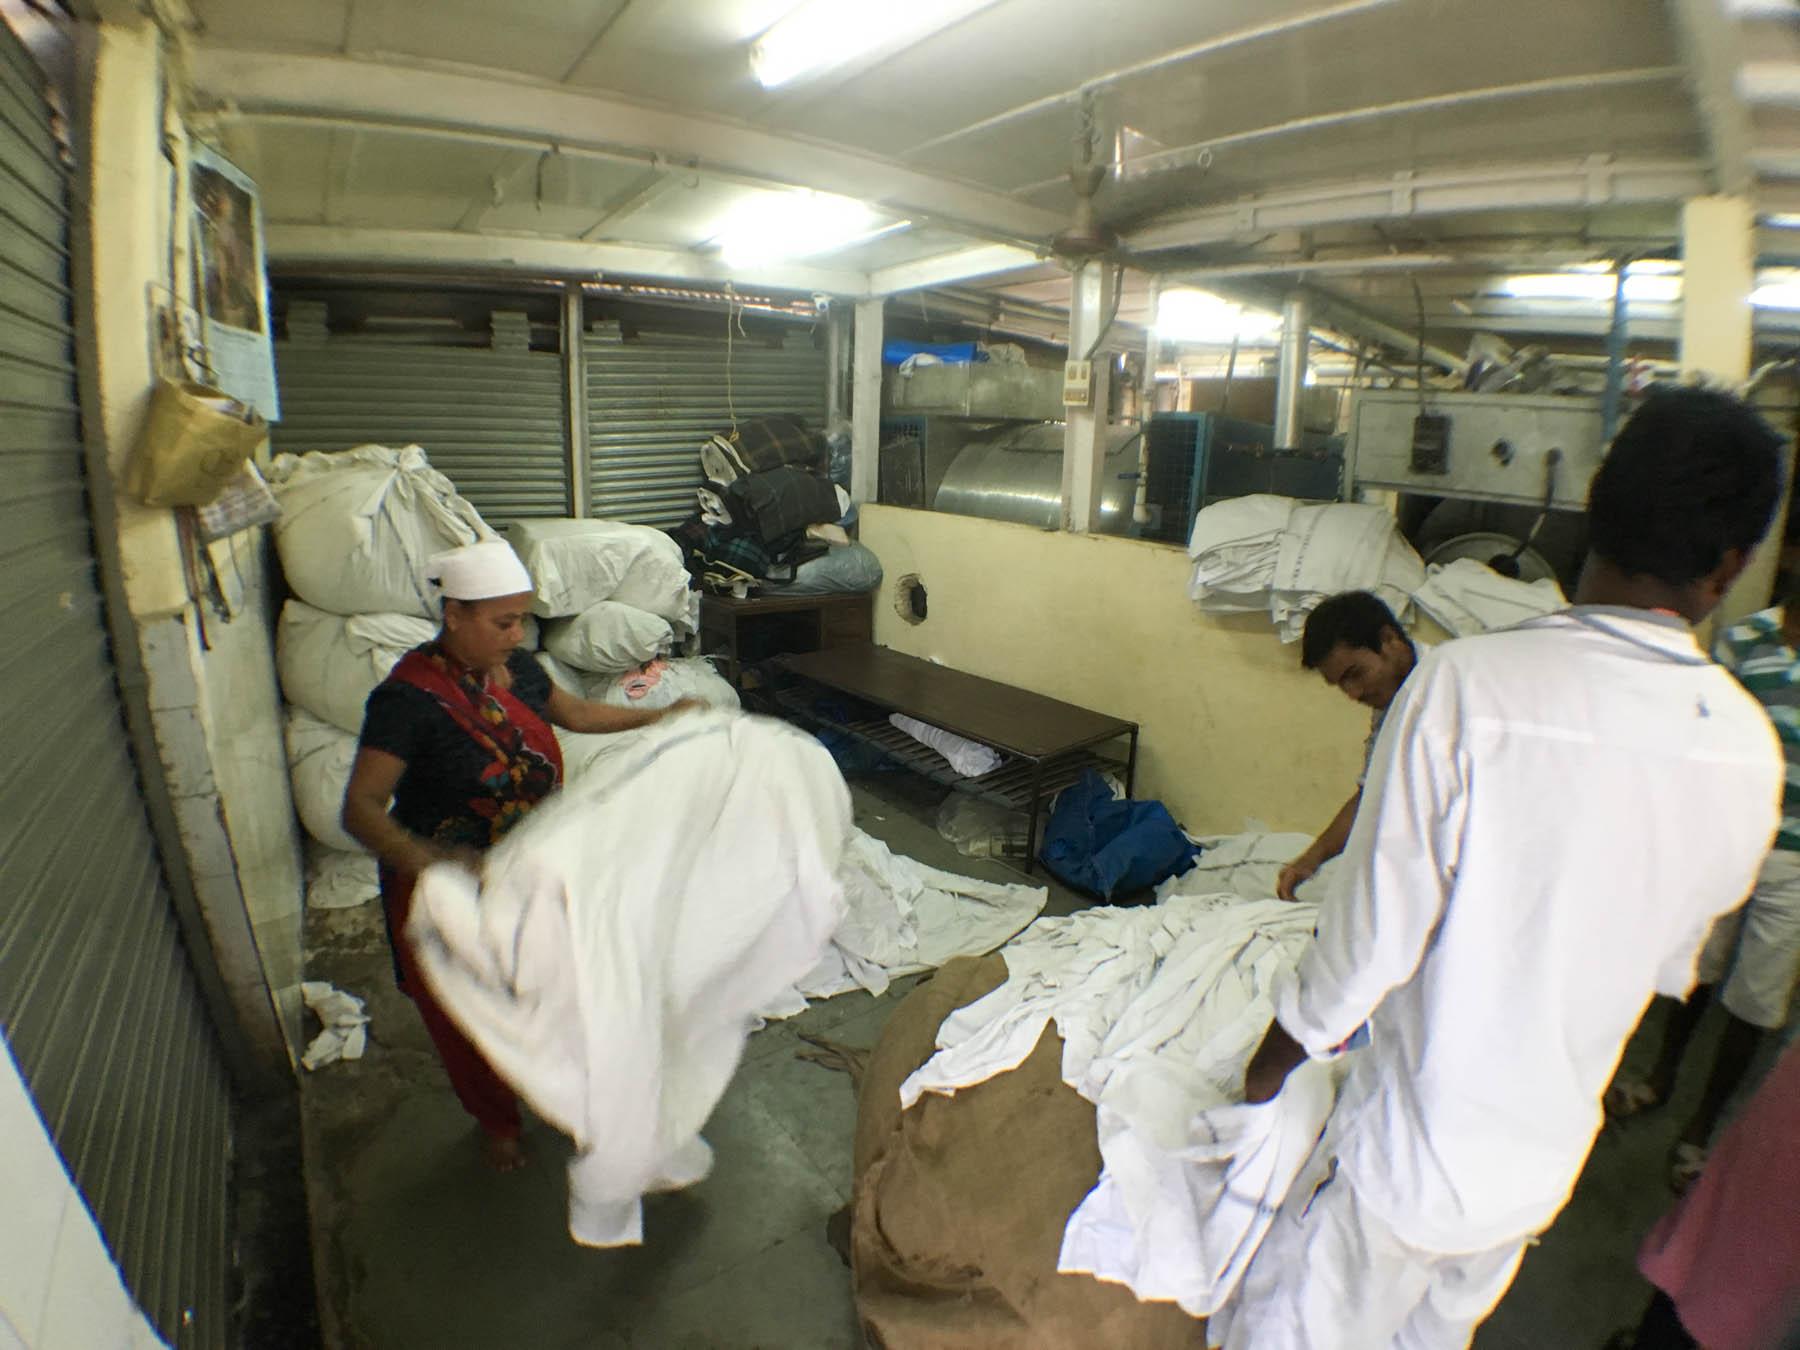 ムンバイ 巨大洗濯工場 ドービーガート 工場もあります